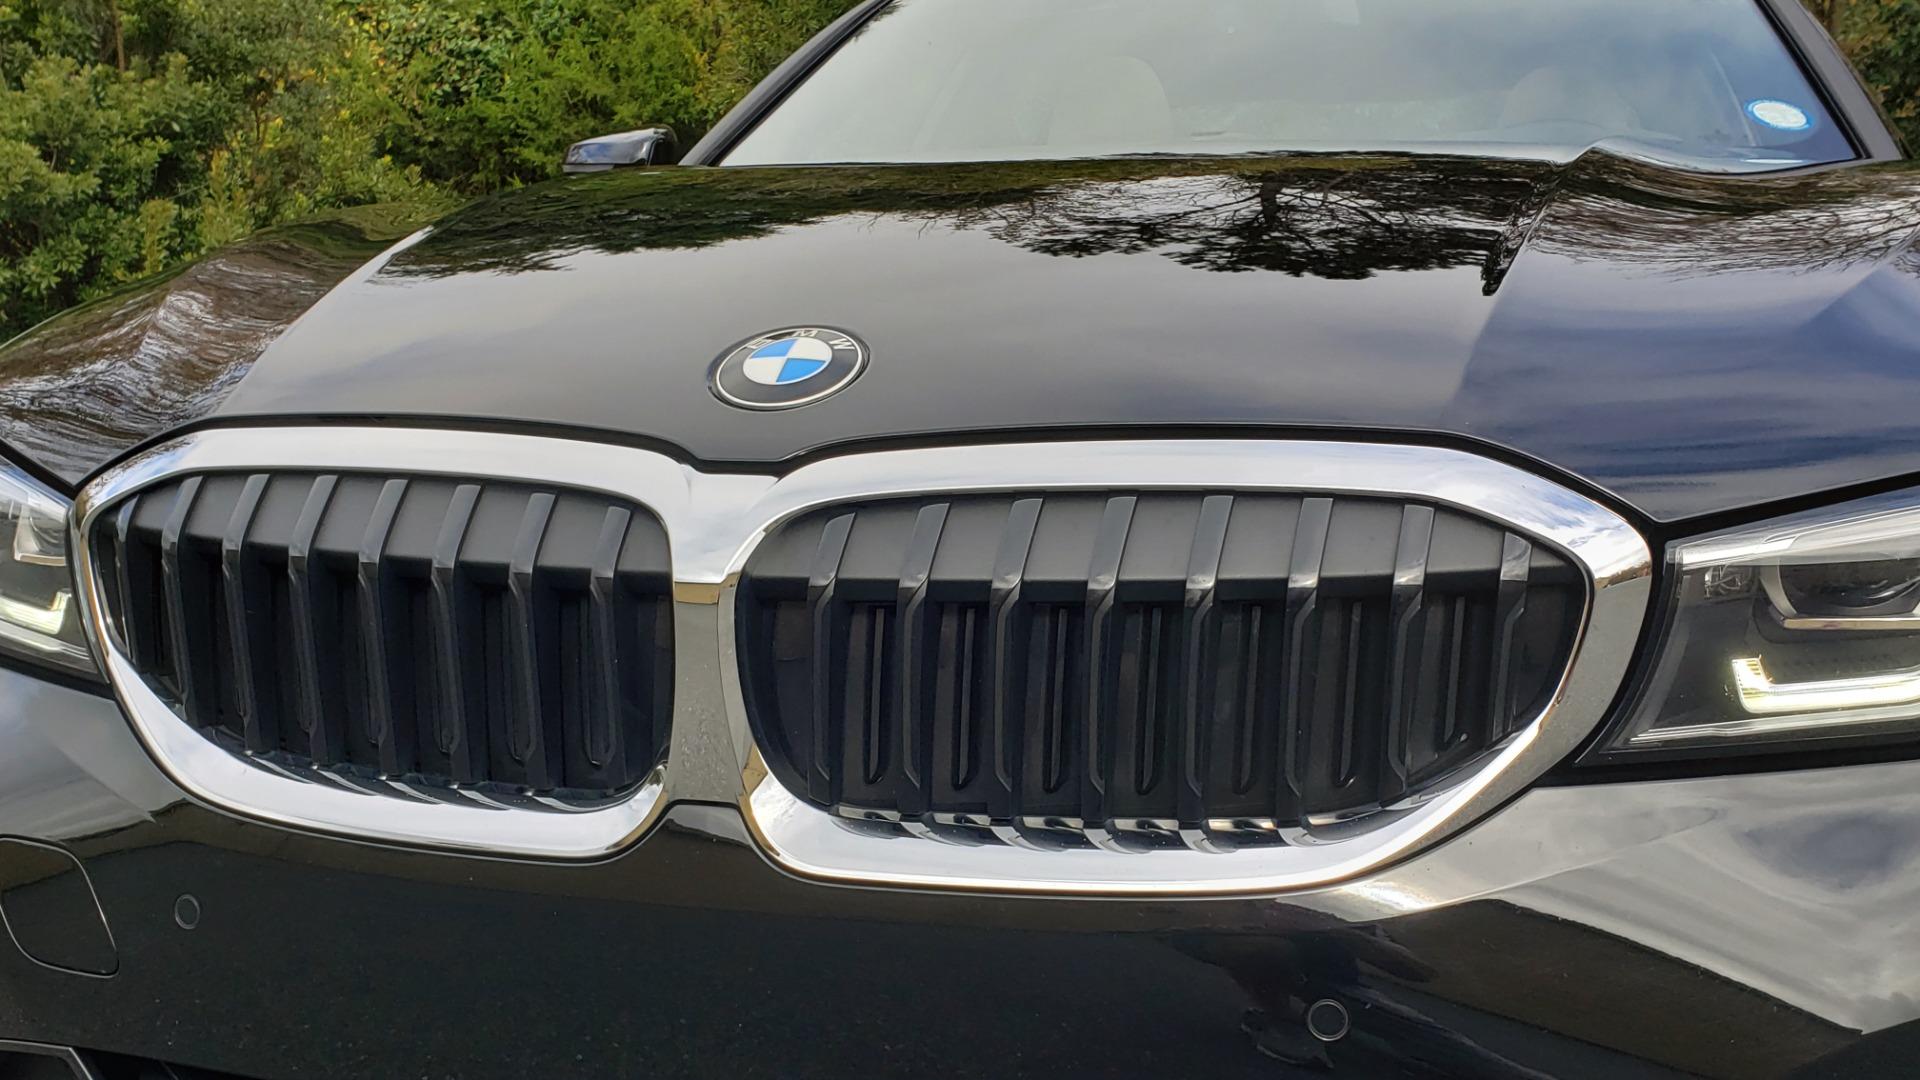 Used 2019 BMW 3 SERIES 330I PREM PKG / NAV / CONV PKG / H&K SND / LIVE COCKPIT PRO for sale Sold at Formula Imports in Charlotte NC 28227 21